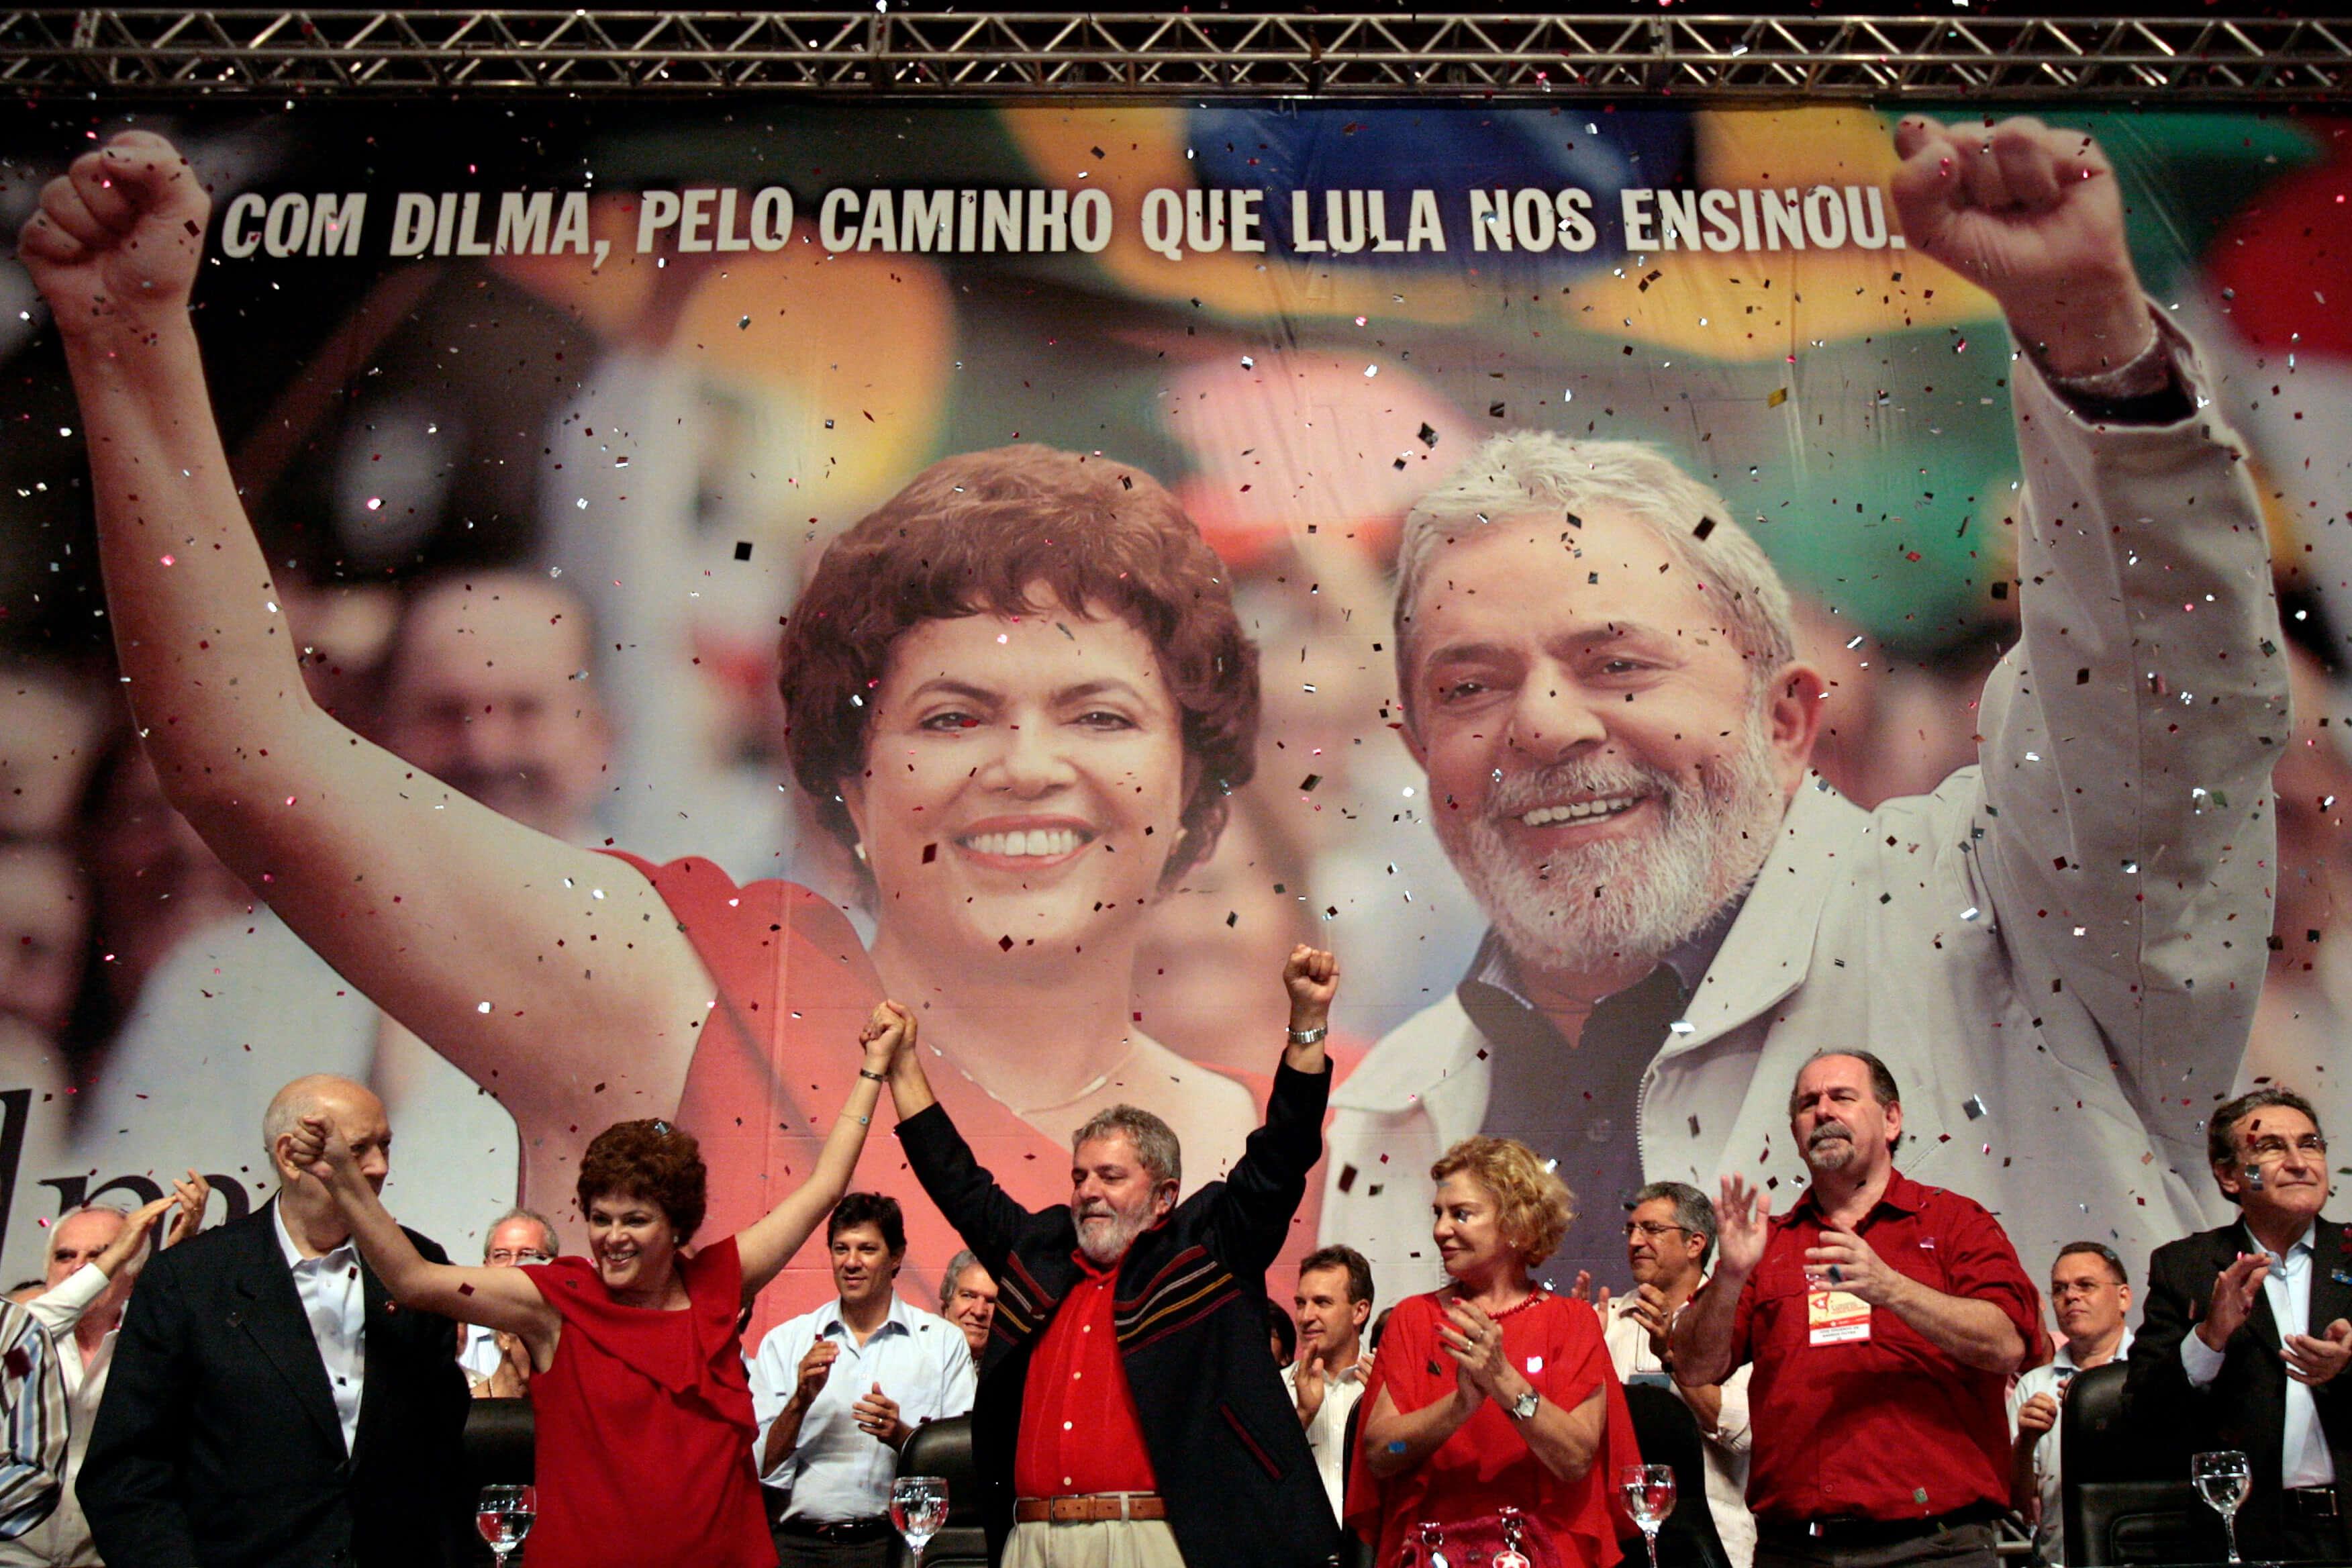 Dilma Roussef con Lula da Silva en un mitin en Brasil